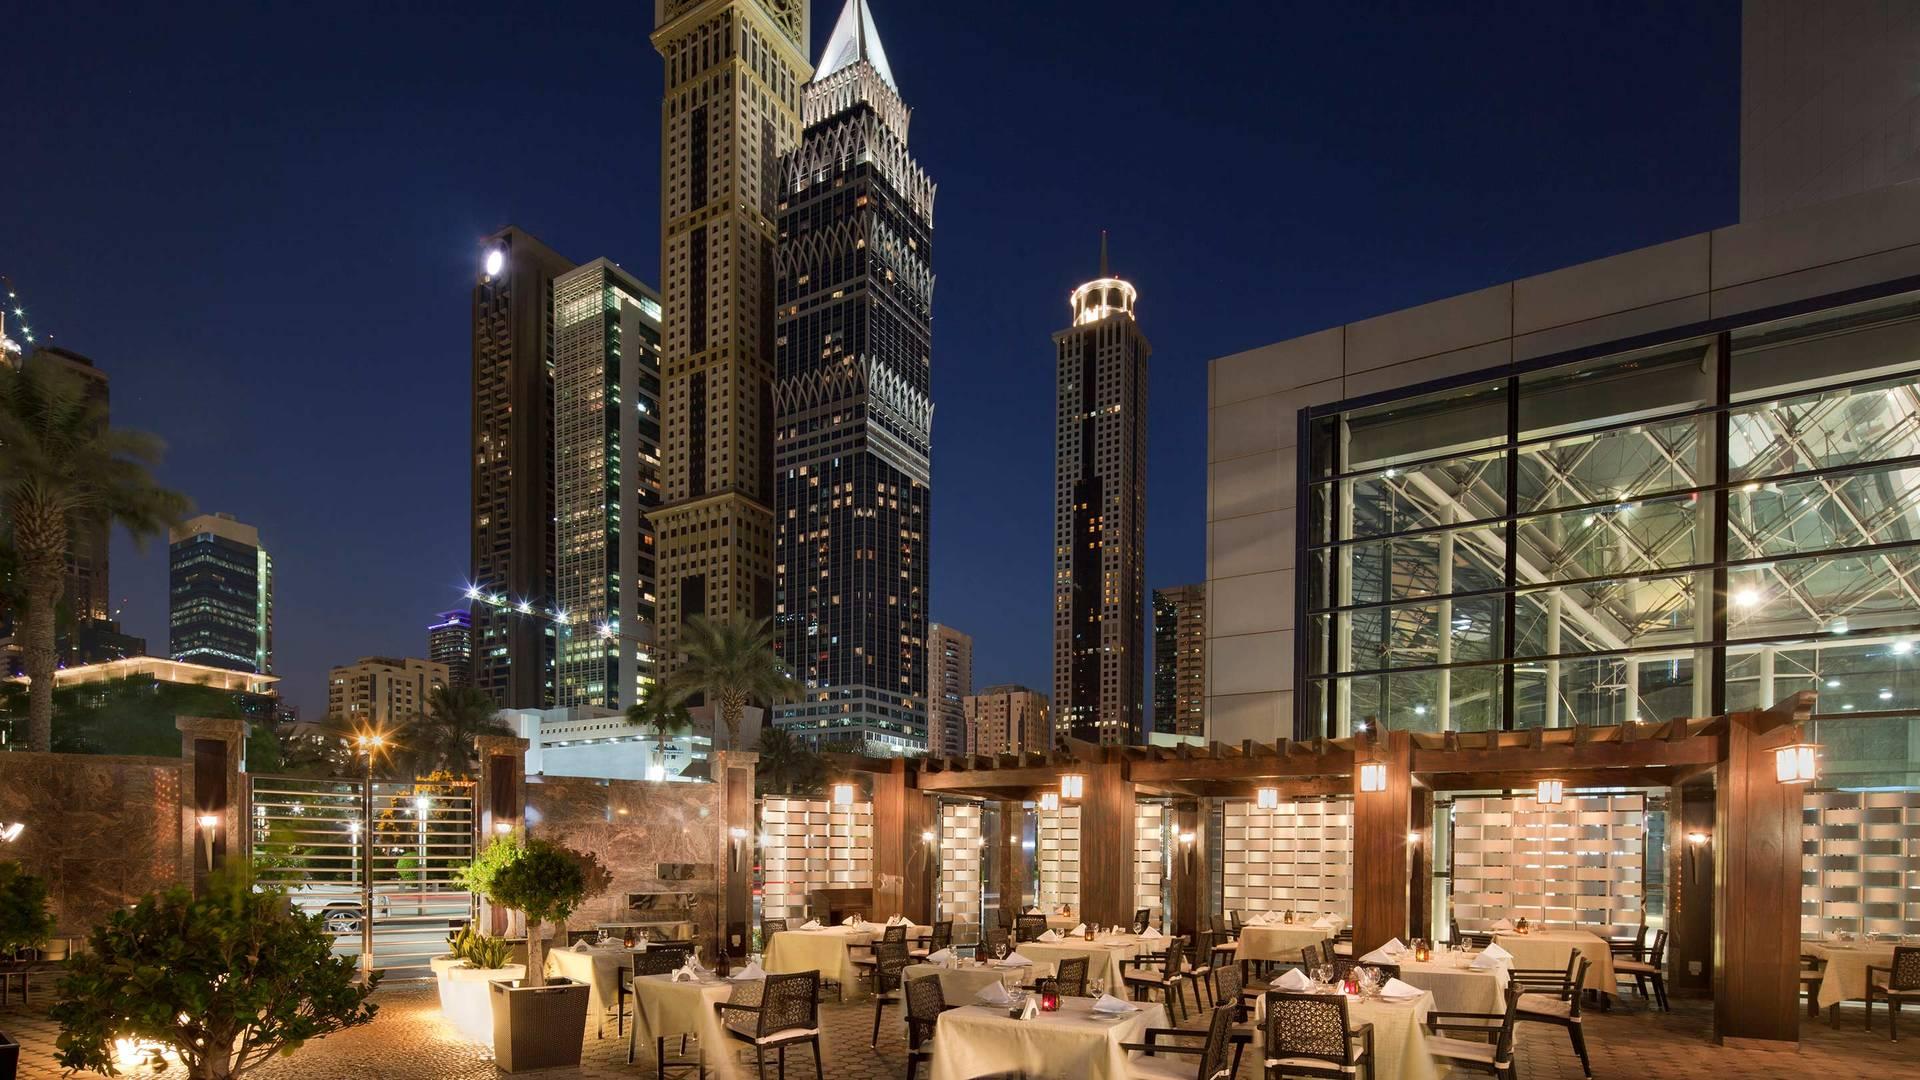 阿联酋中心酒店 Al Nafoorah 餐厅景致